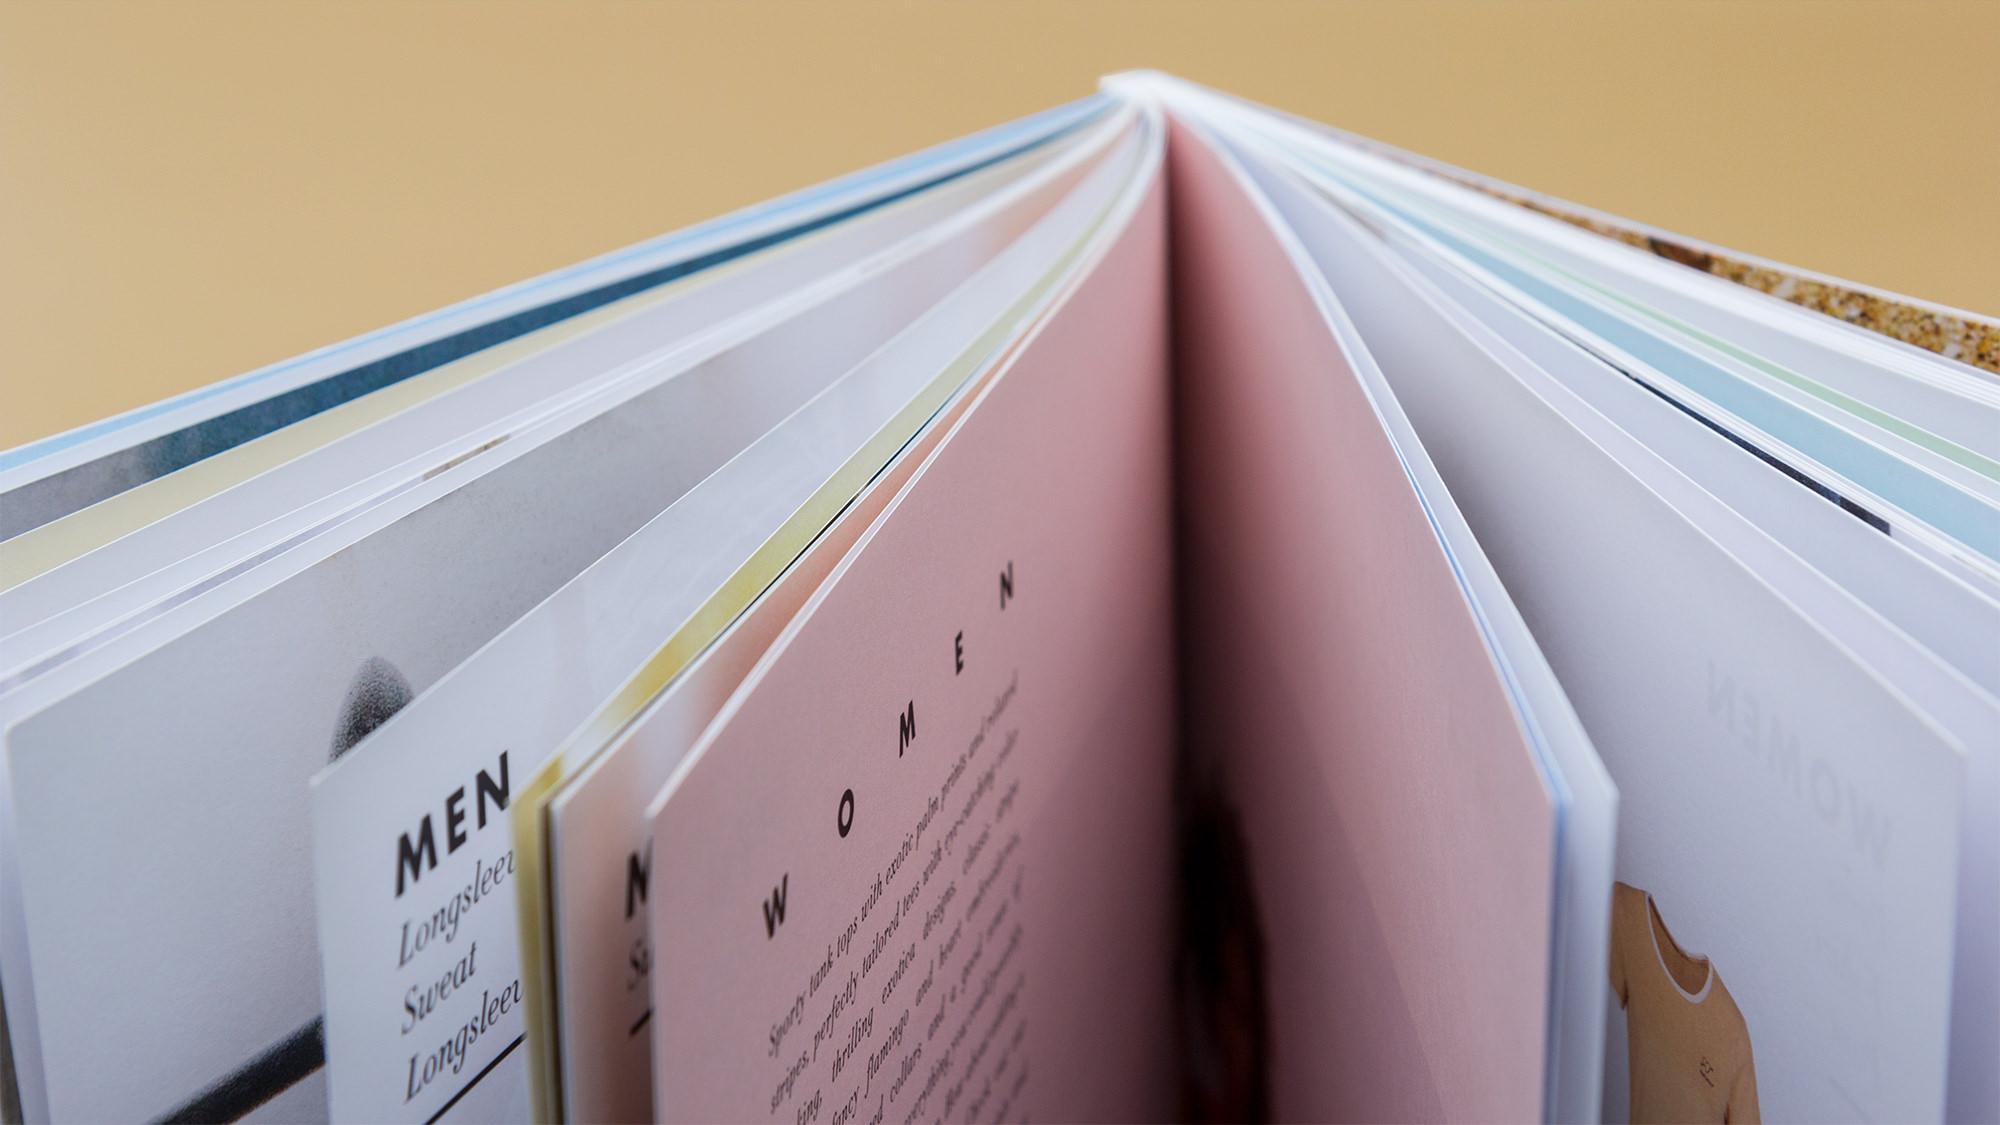 Forvert Workbook, Design von sons of ipanema aus Köln